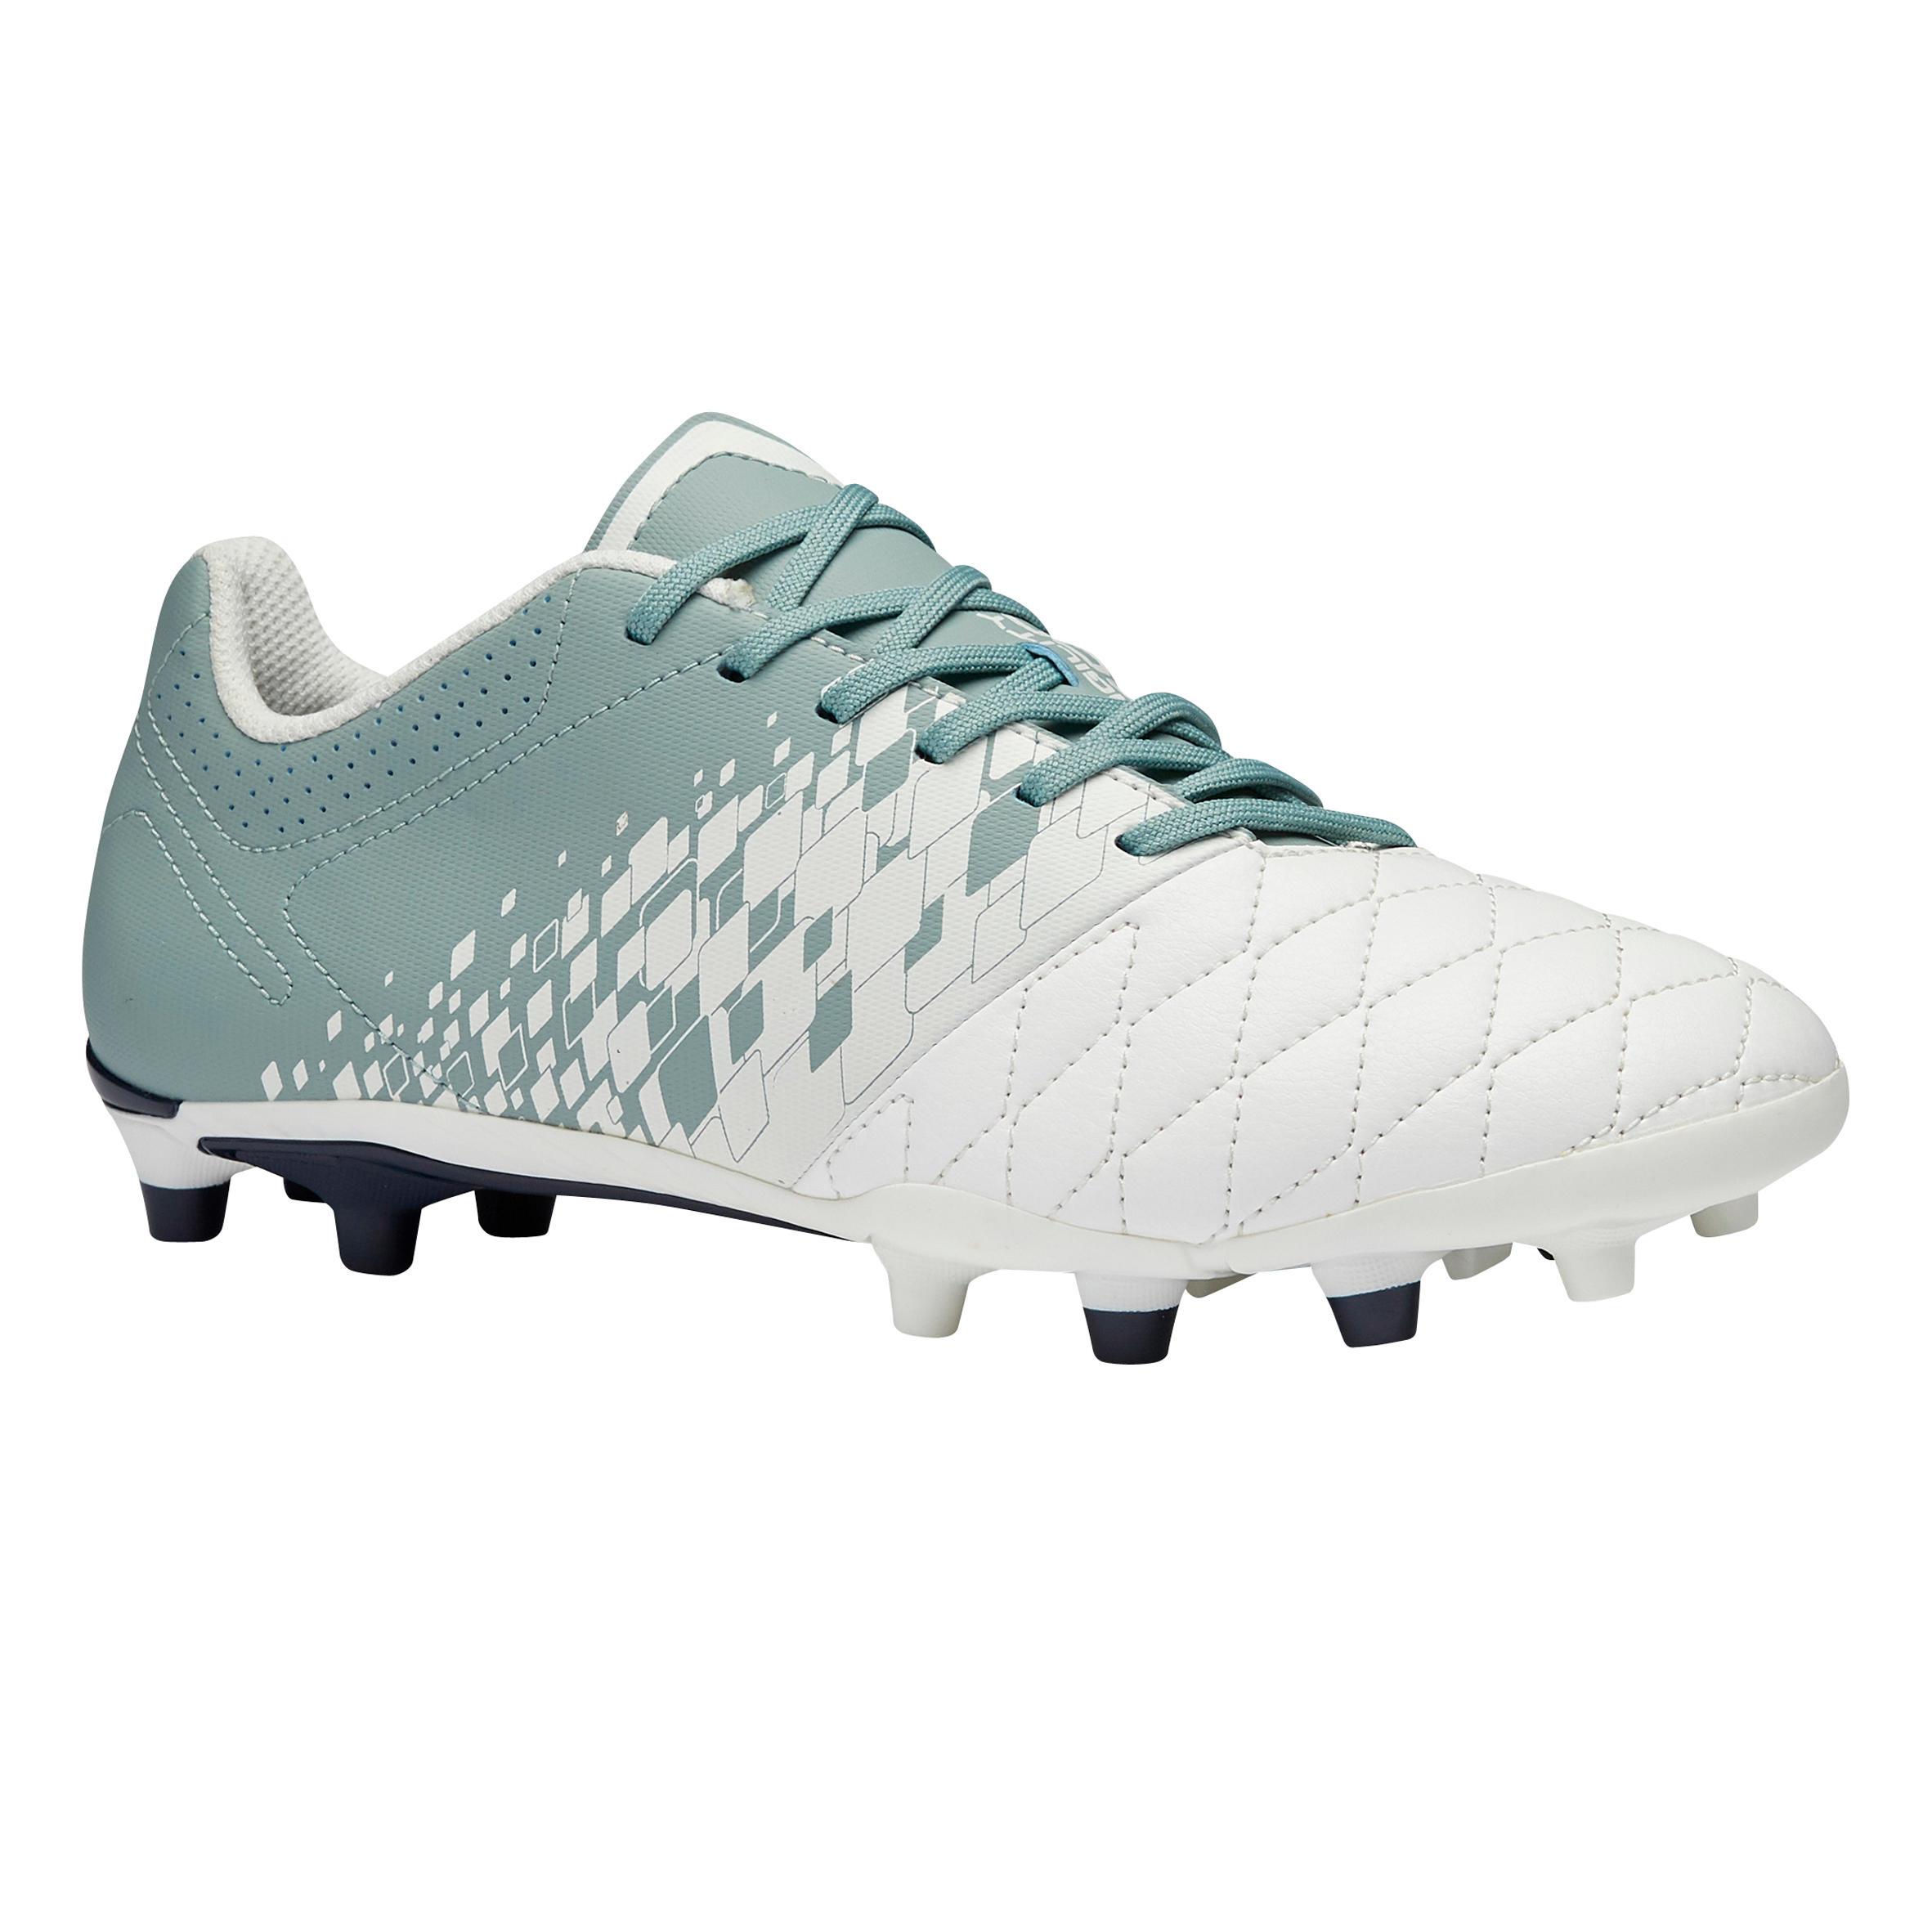 Beste Voetbalschoenen kopen?   DECATHLON   Nergens goedkoper! HB-51